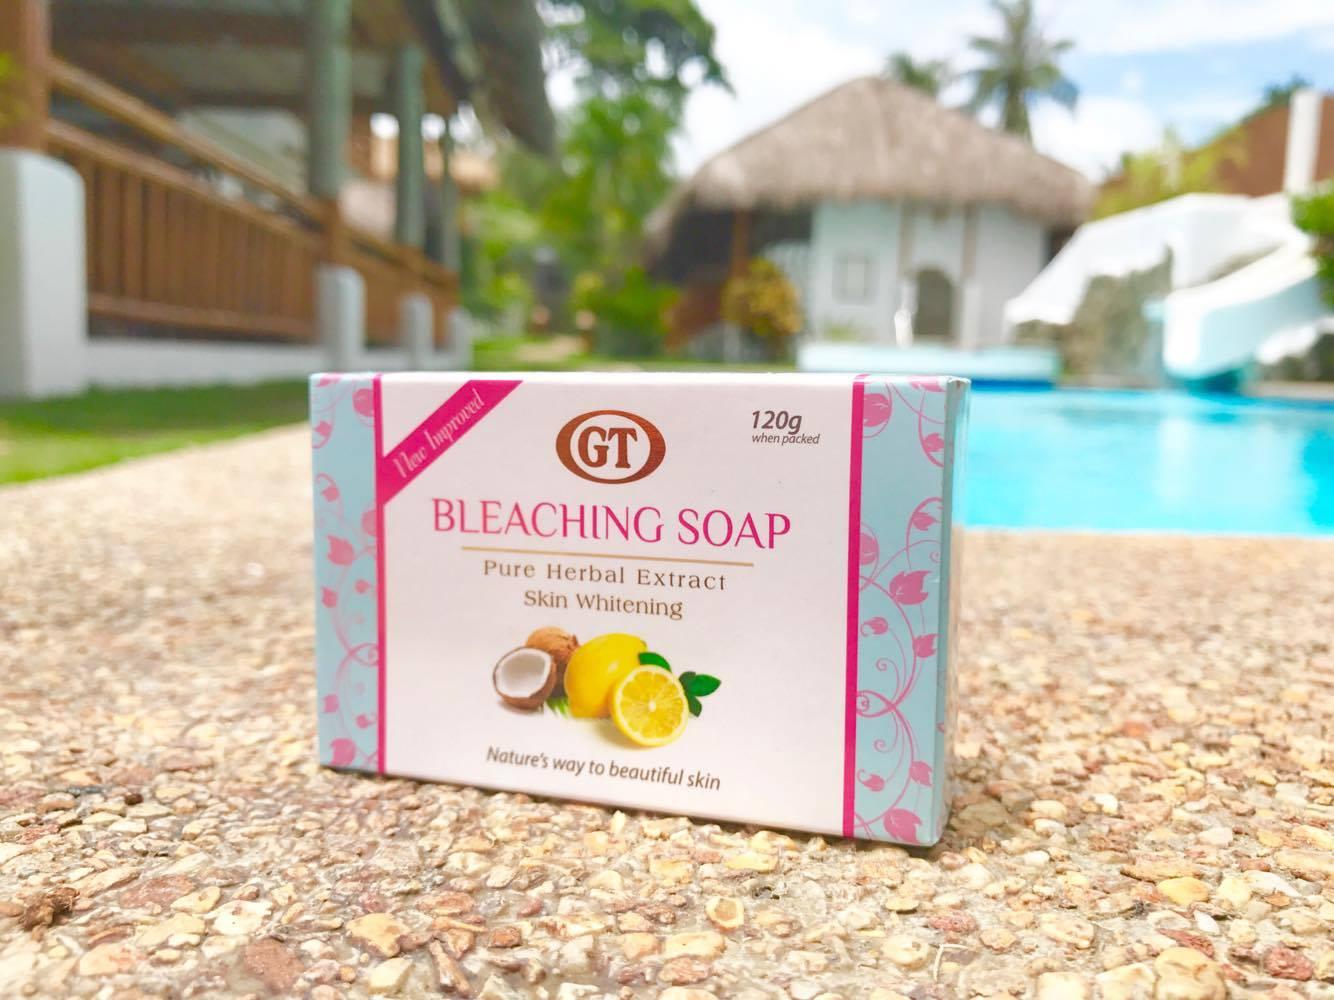 ワトソンズ(ドゥマゲティ・シティモール店)の売れ筋美白化粧品「BLEACHING SOAP(脱色ソープ)」1個88ペソ(約190円)